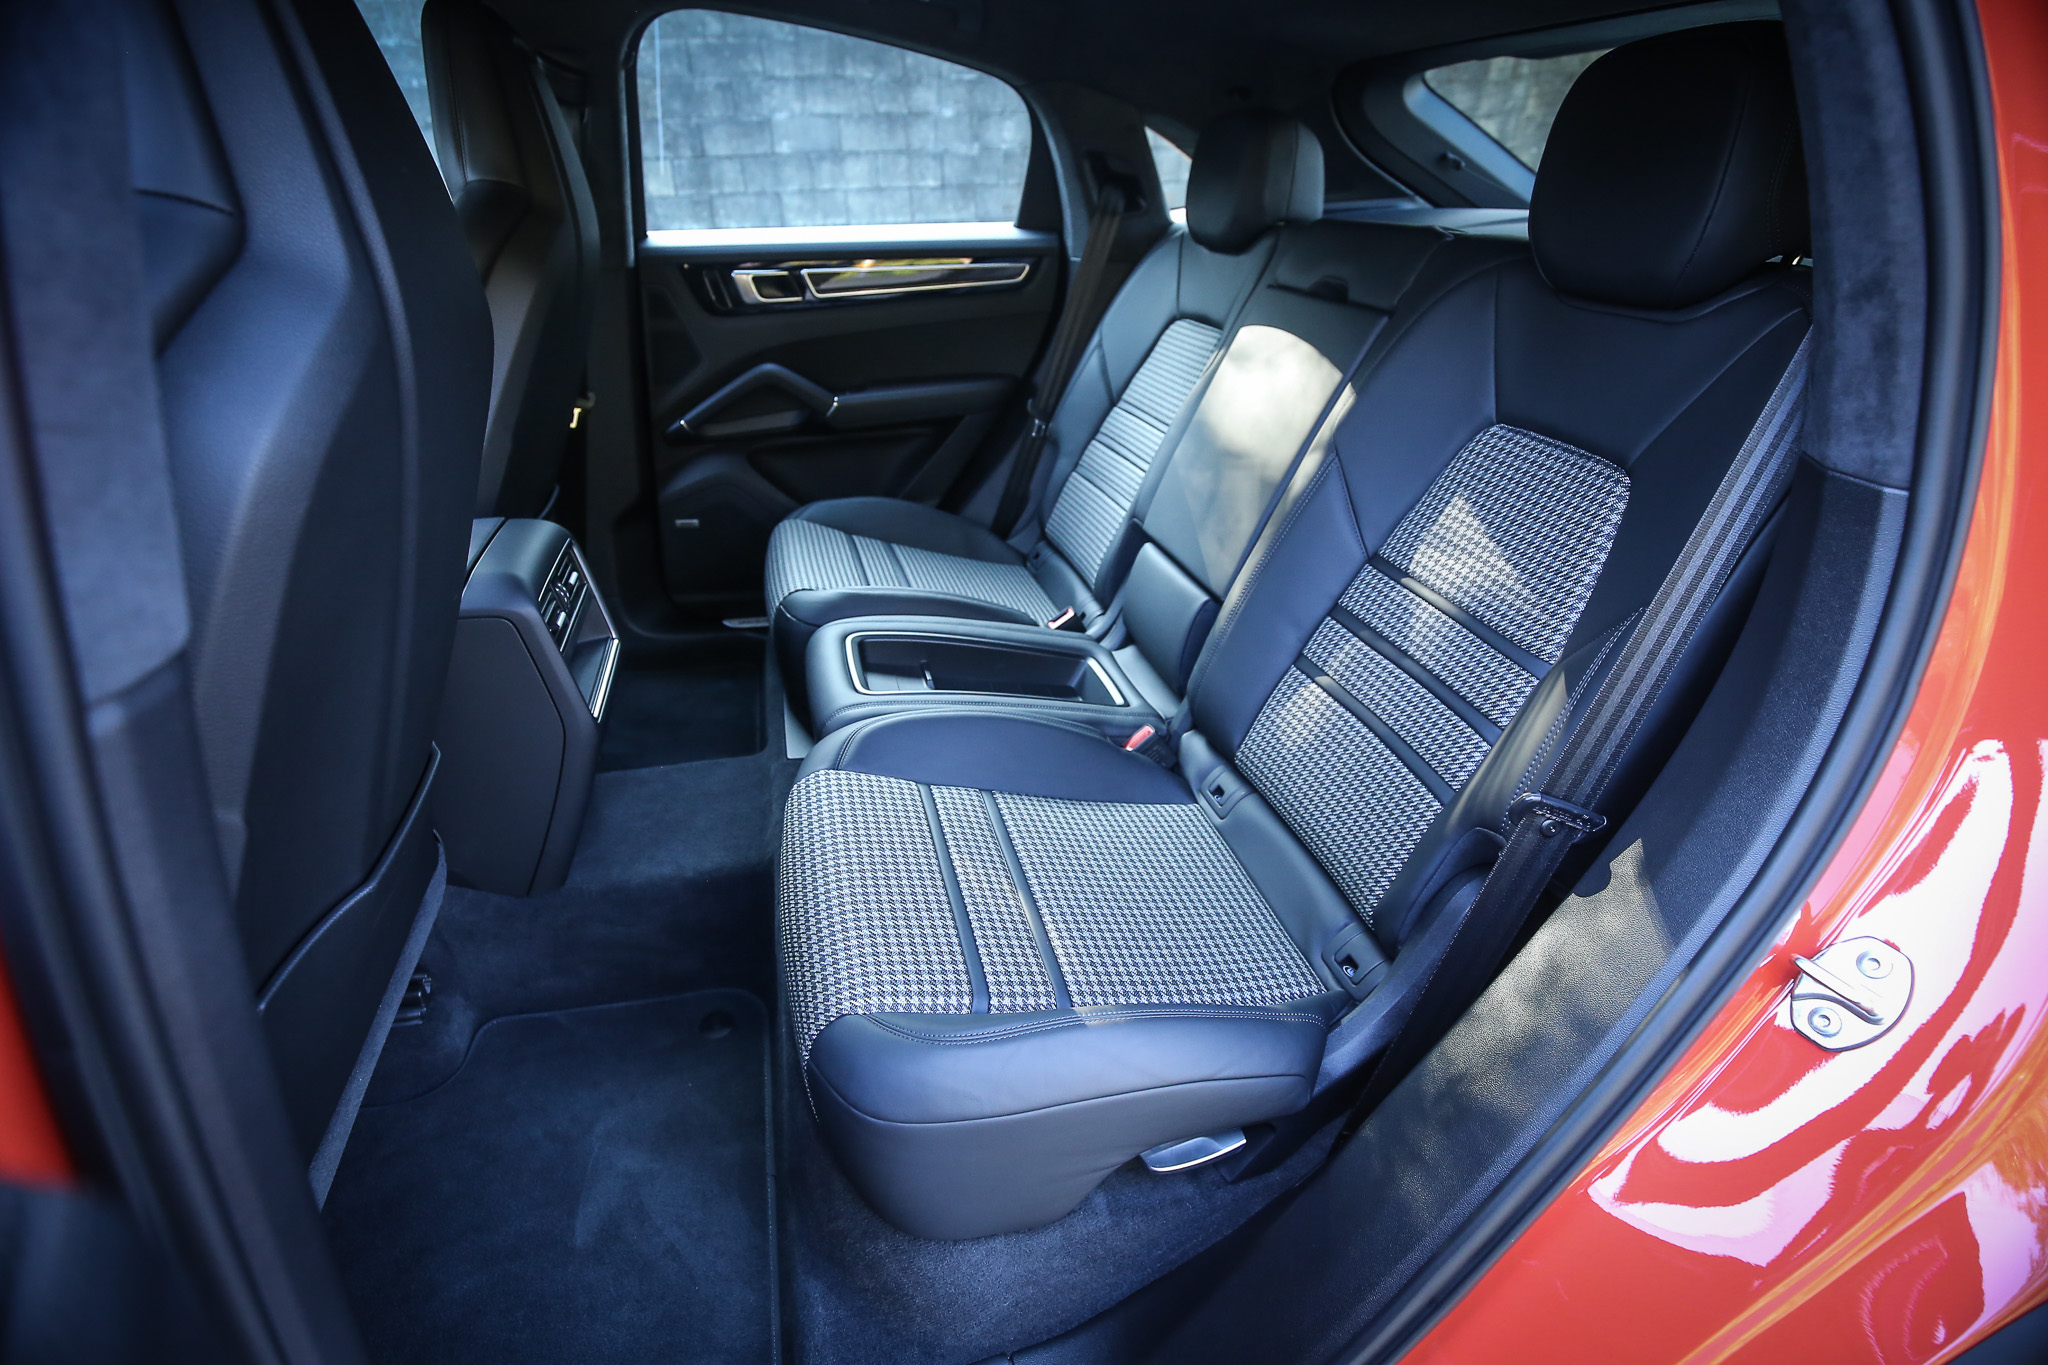 跑車座椅中央採取特殊的千鳥格設計,為濃郁的跑格添增一絲時尚氣息。